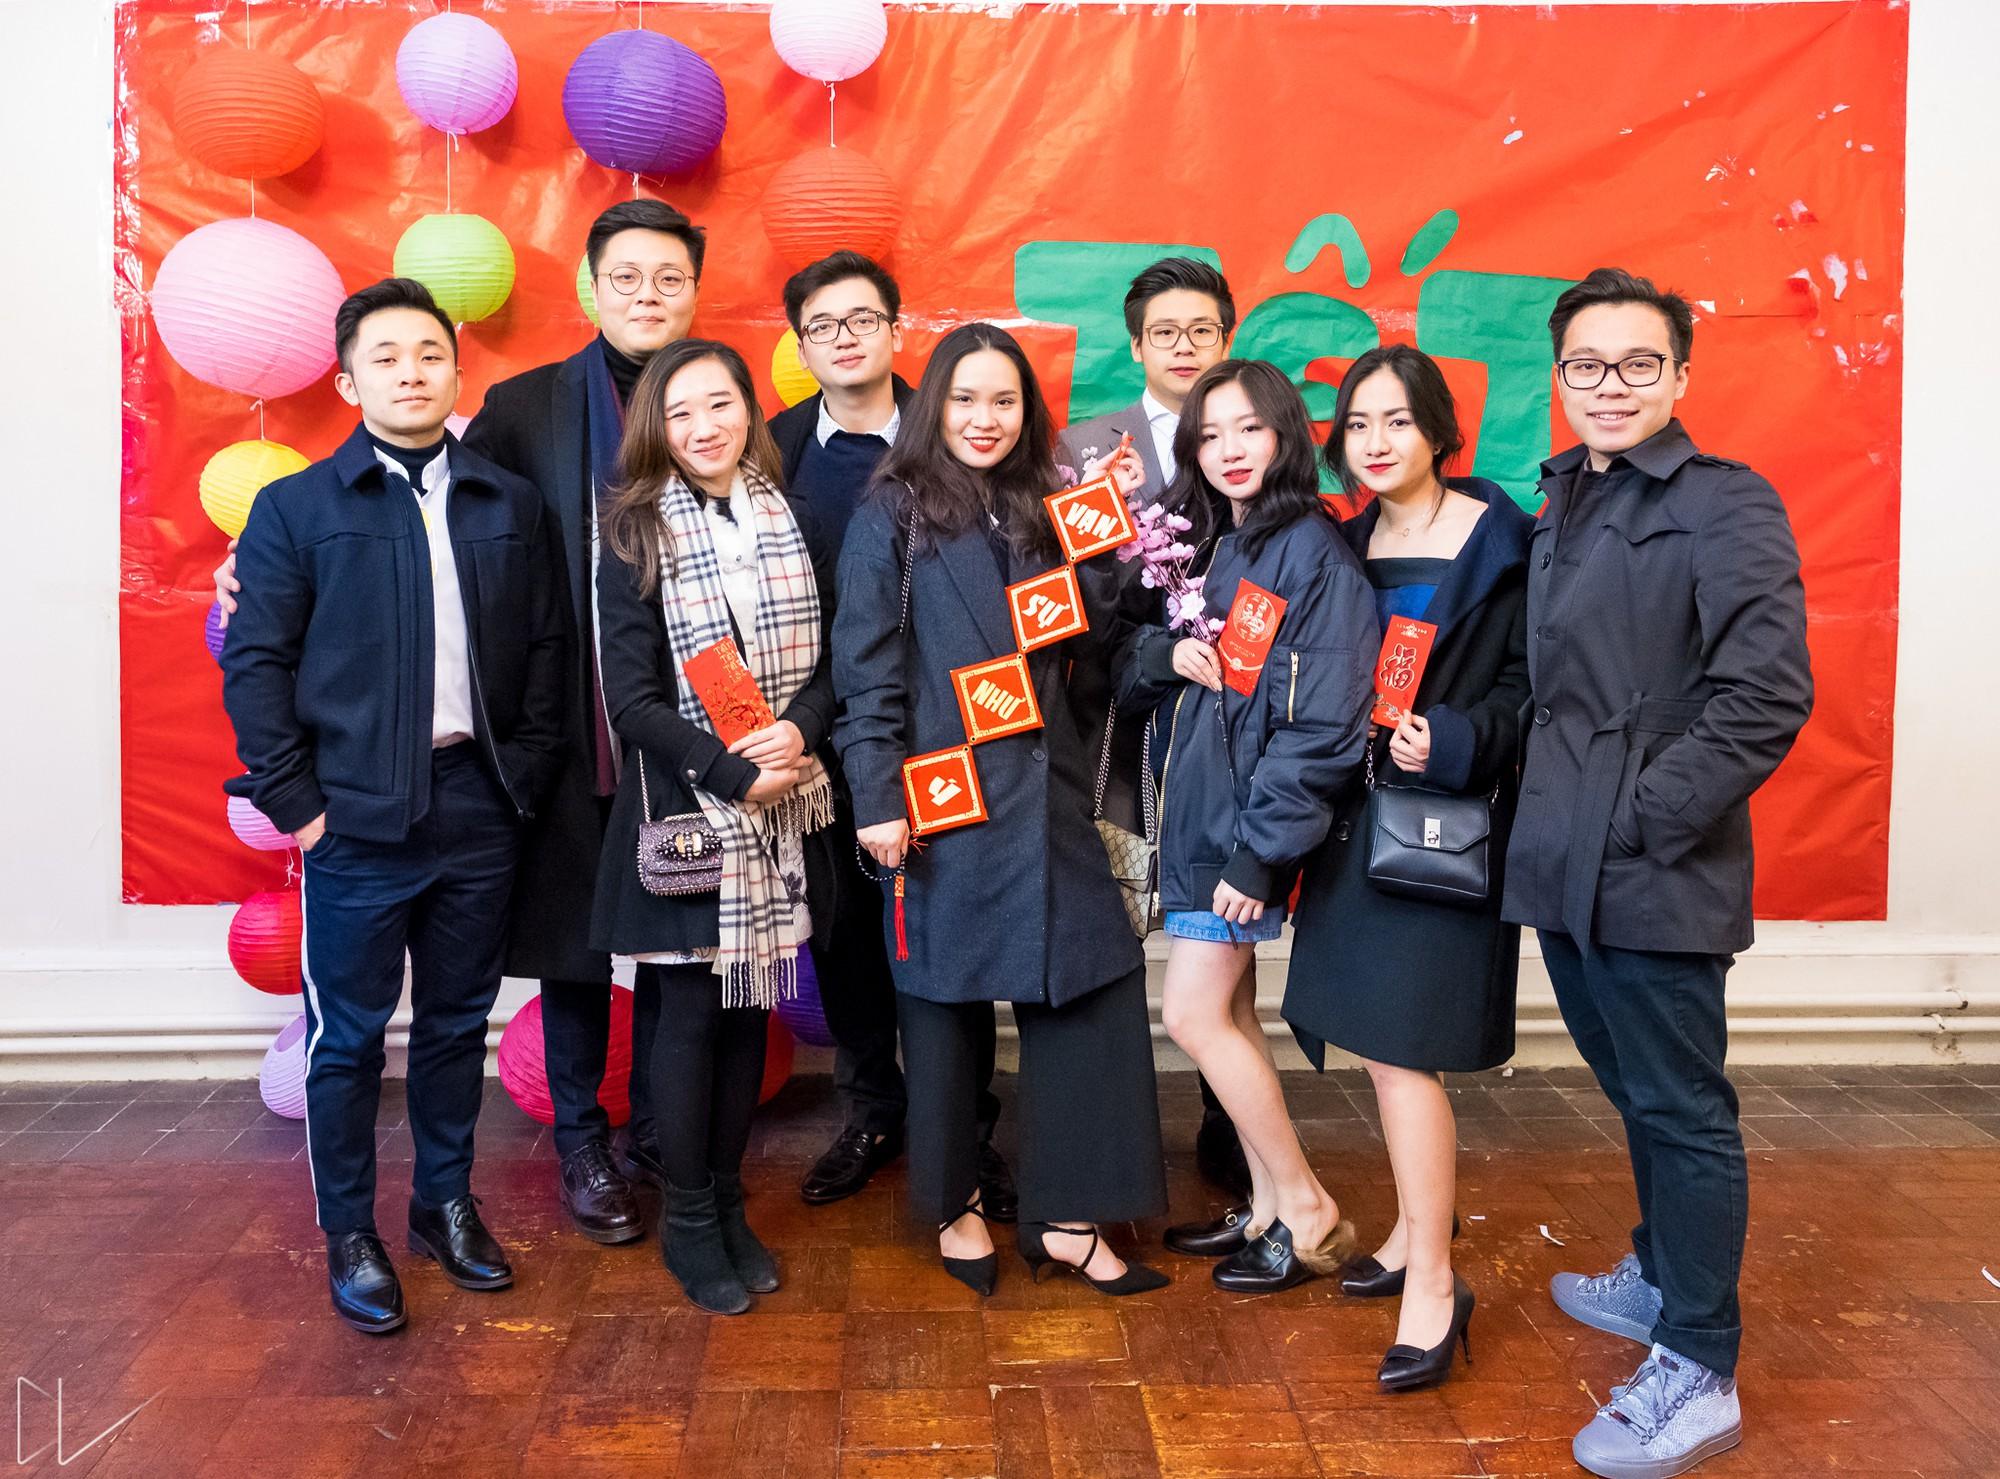 Trai xinh, gái đẹp nô nức tham gia chương trình Tết của du học sinh Việt tại Anh - Ảnh 7.